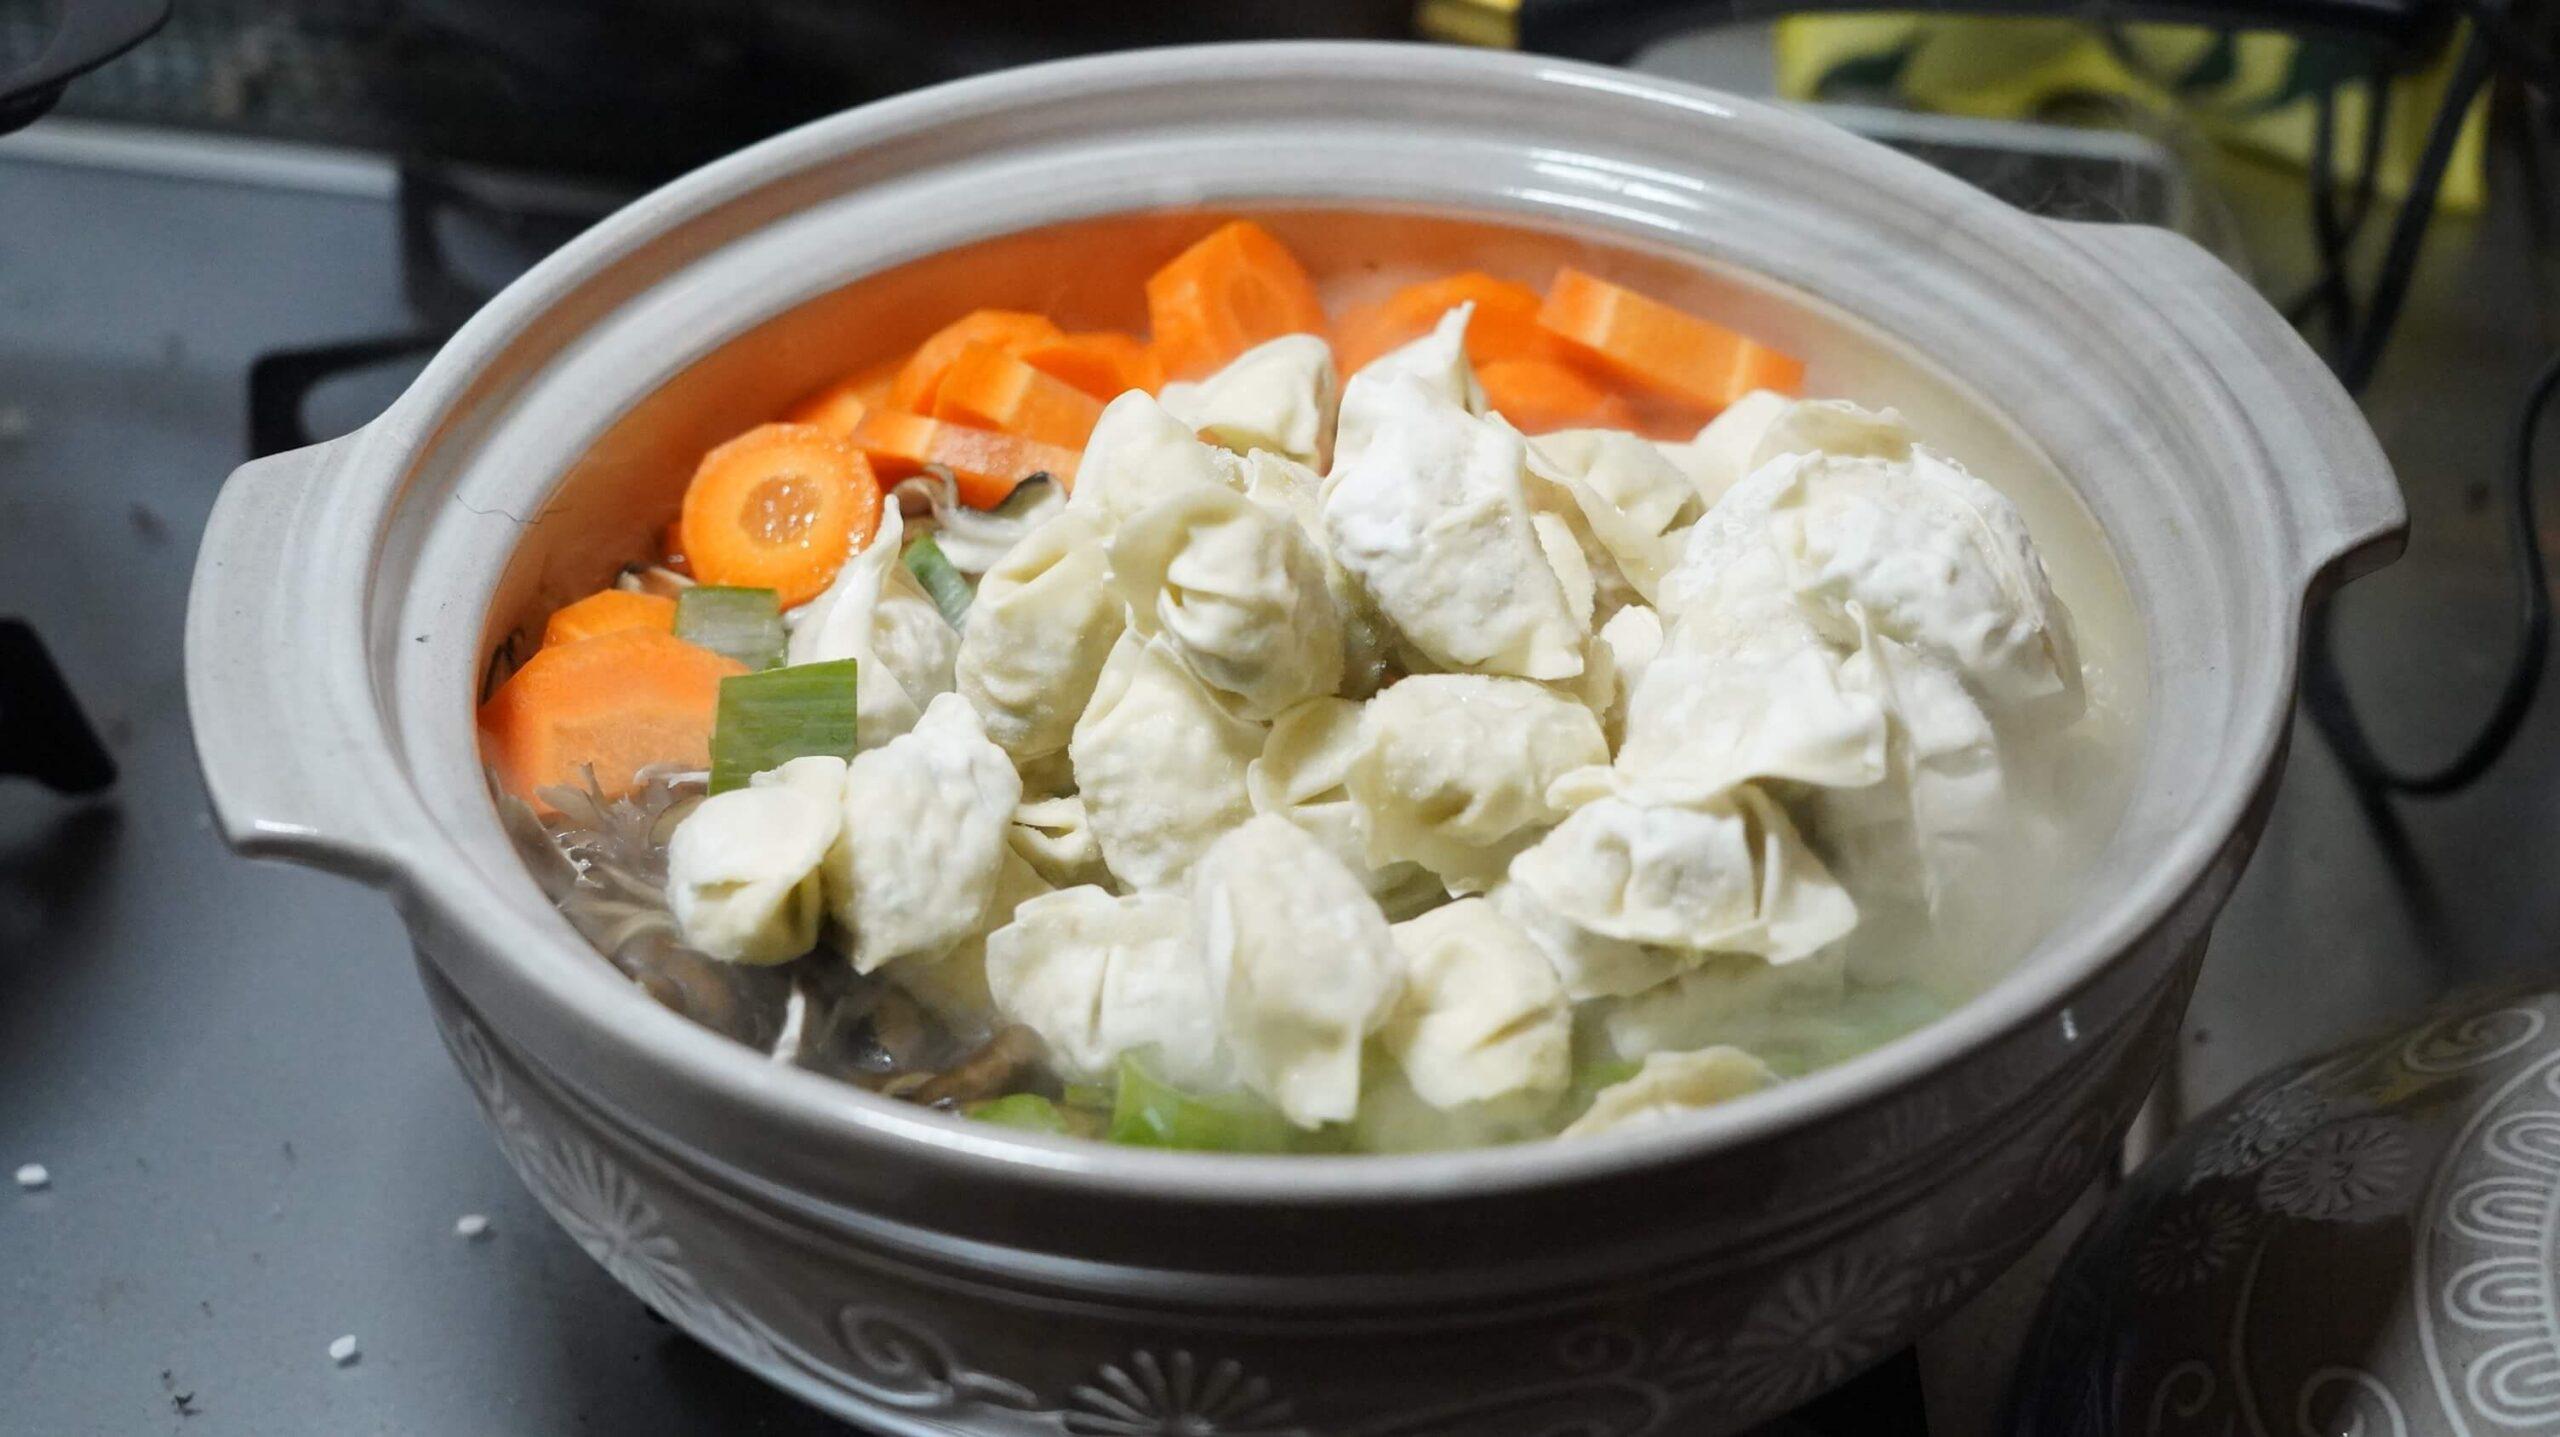 コストコの冷凍食品「ビビゴ 水餃子」を鍋に入れて茹でている写真